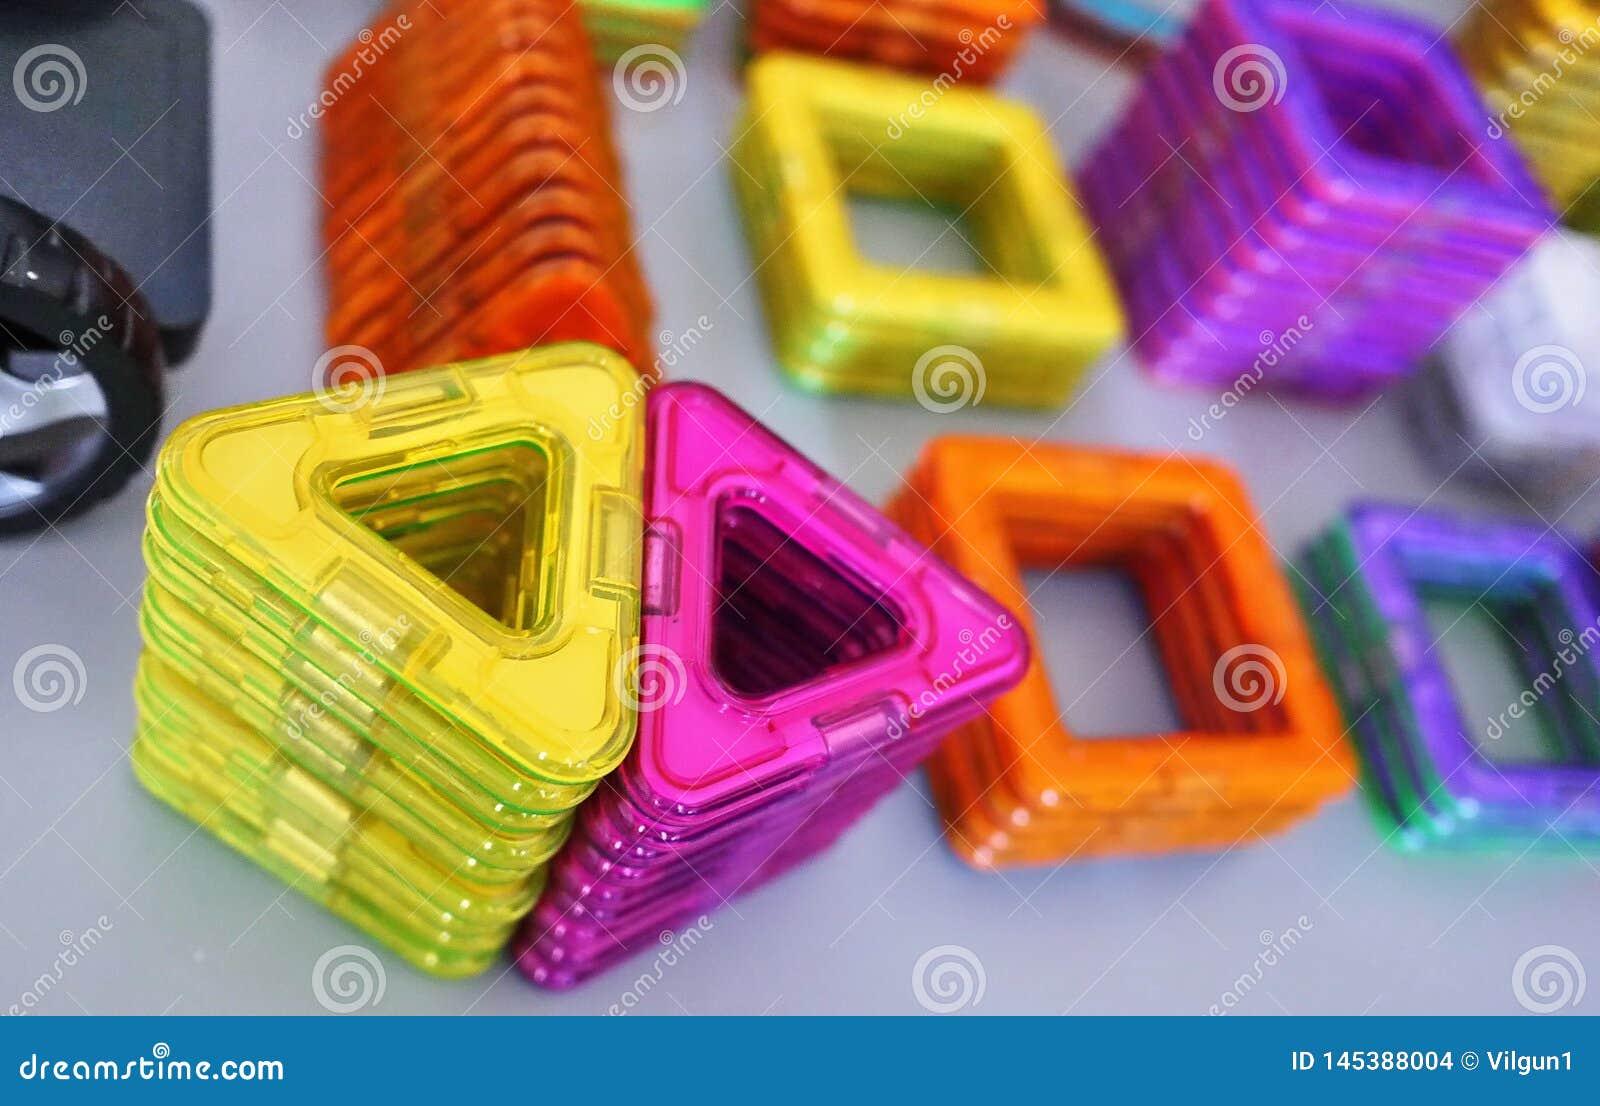 Forme geometriche luminose su una base magnetica Di queste figure, il progettista può montare i vari modelli Perfezioni per il d